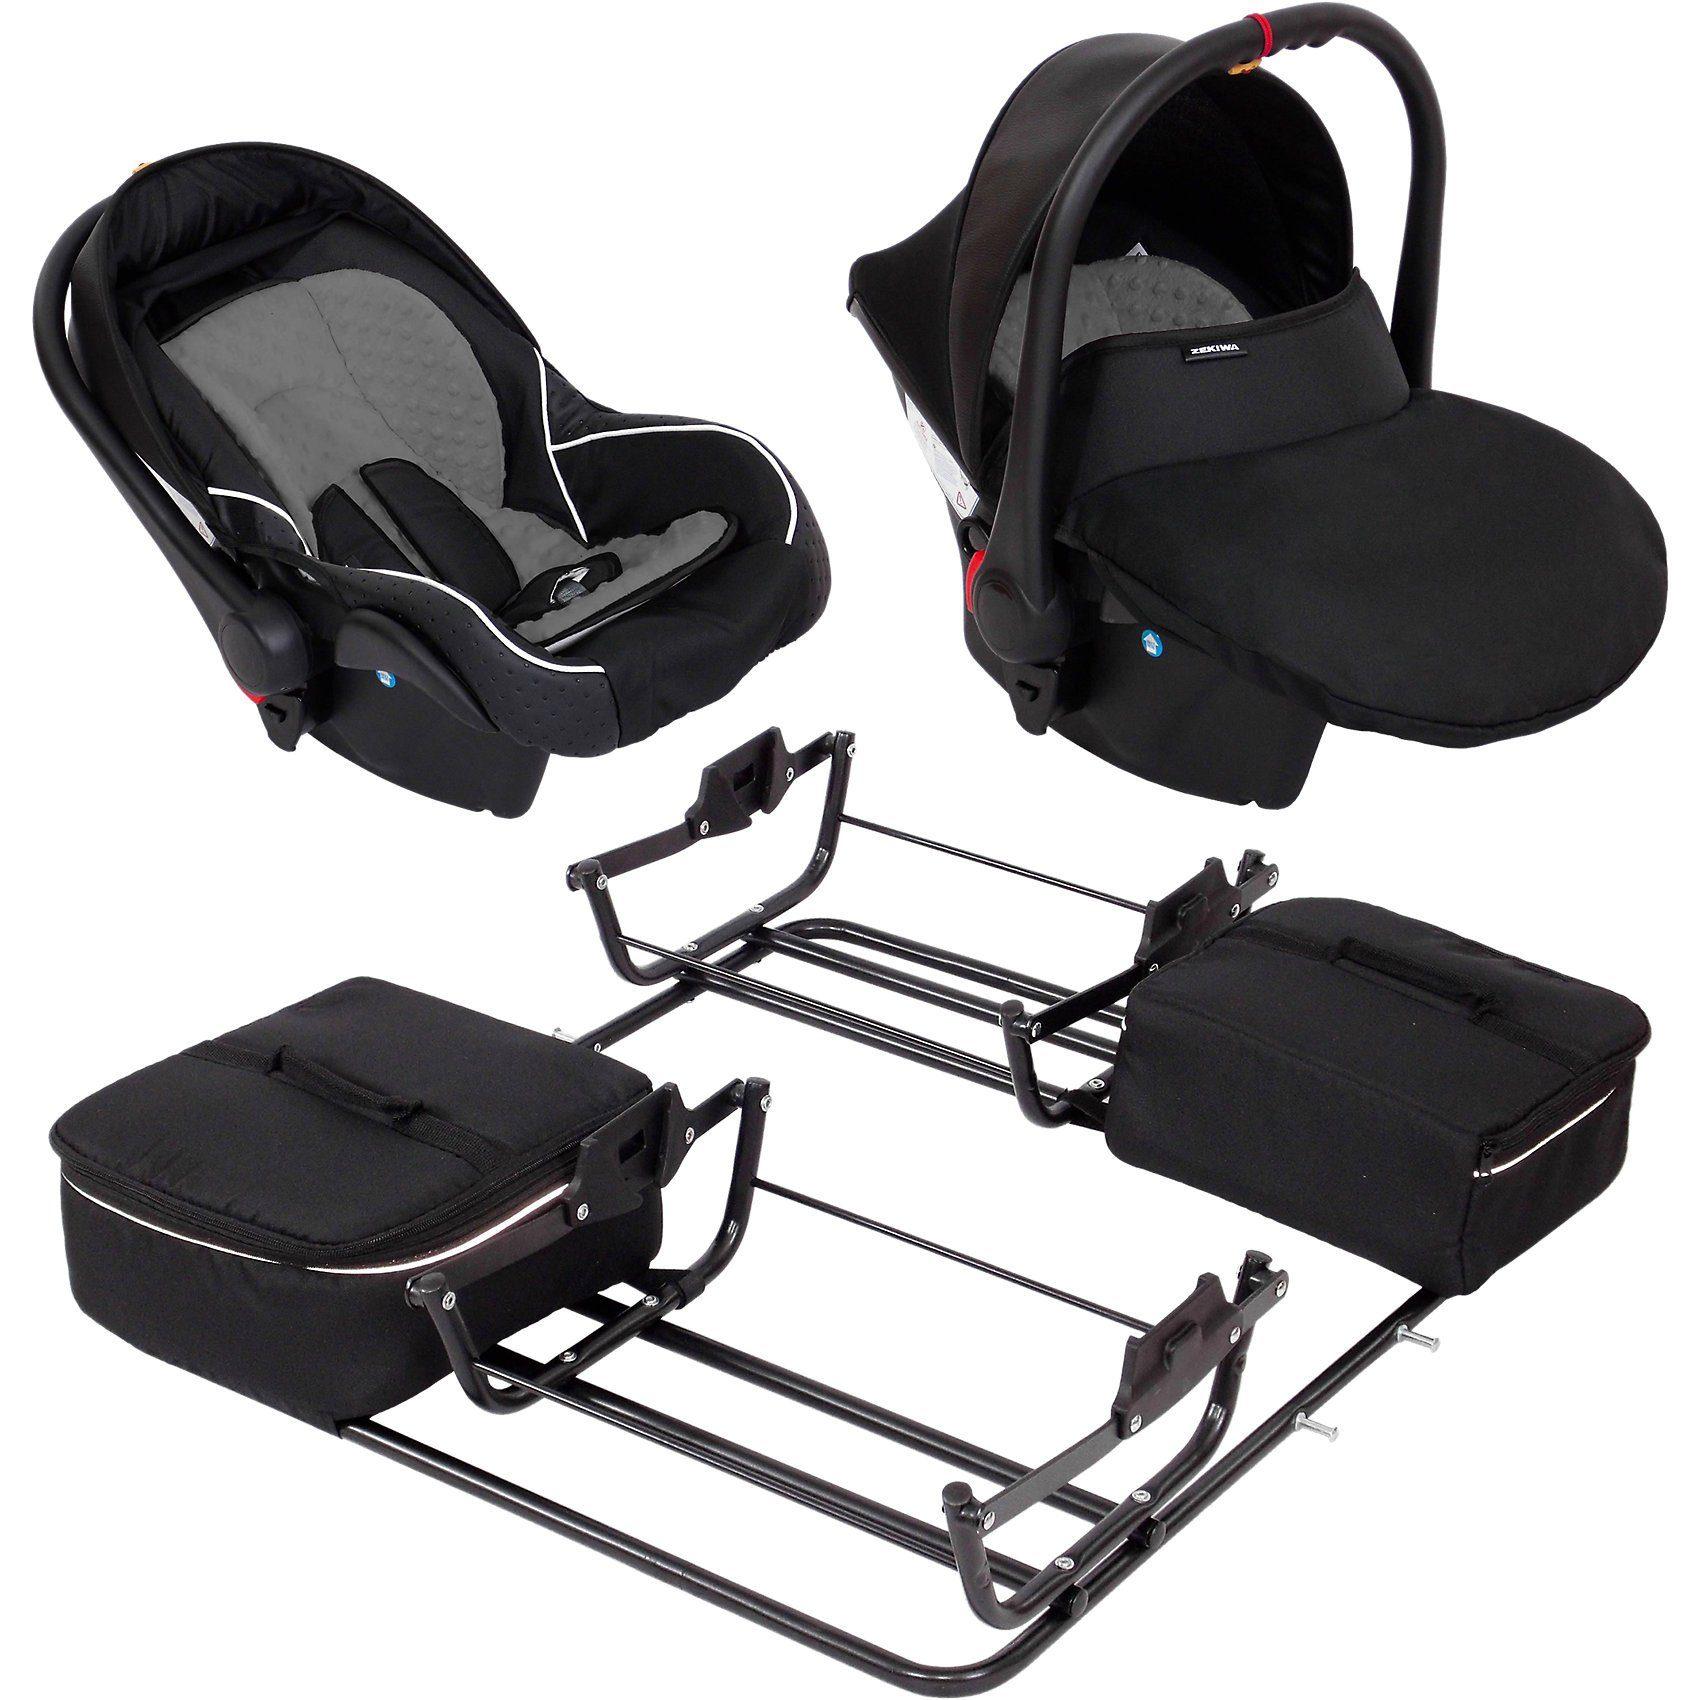 Zekiwa 2 Babyschalen ATS Comfort Plus inkl. Adapter für Zwillingswa